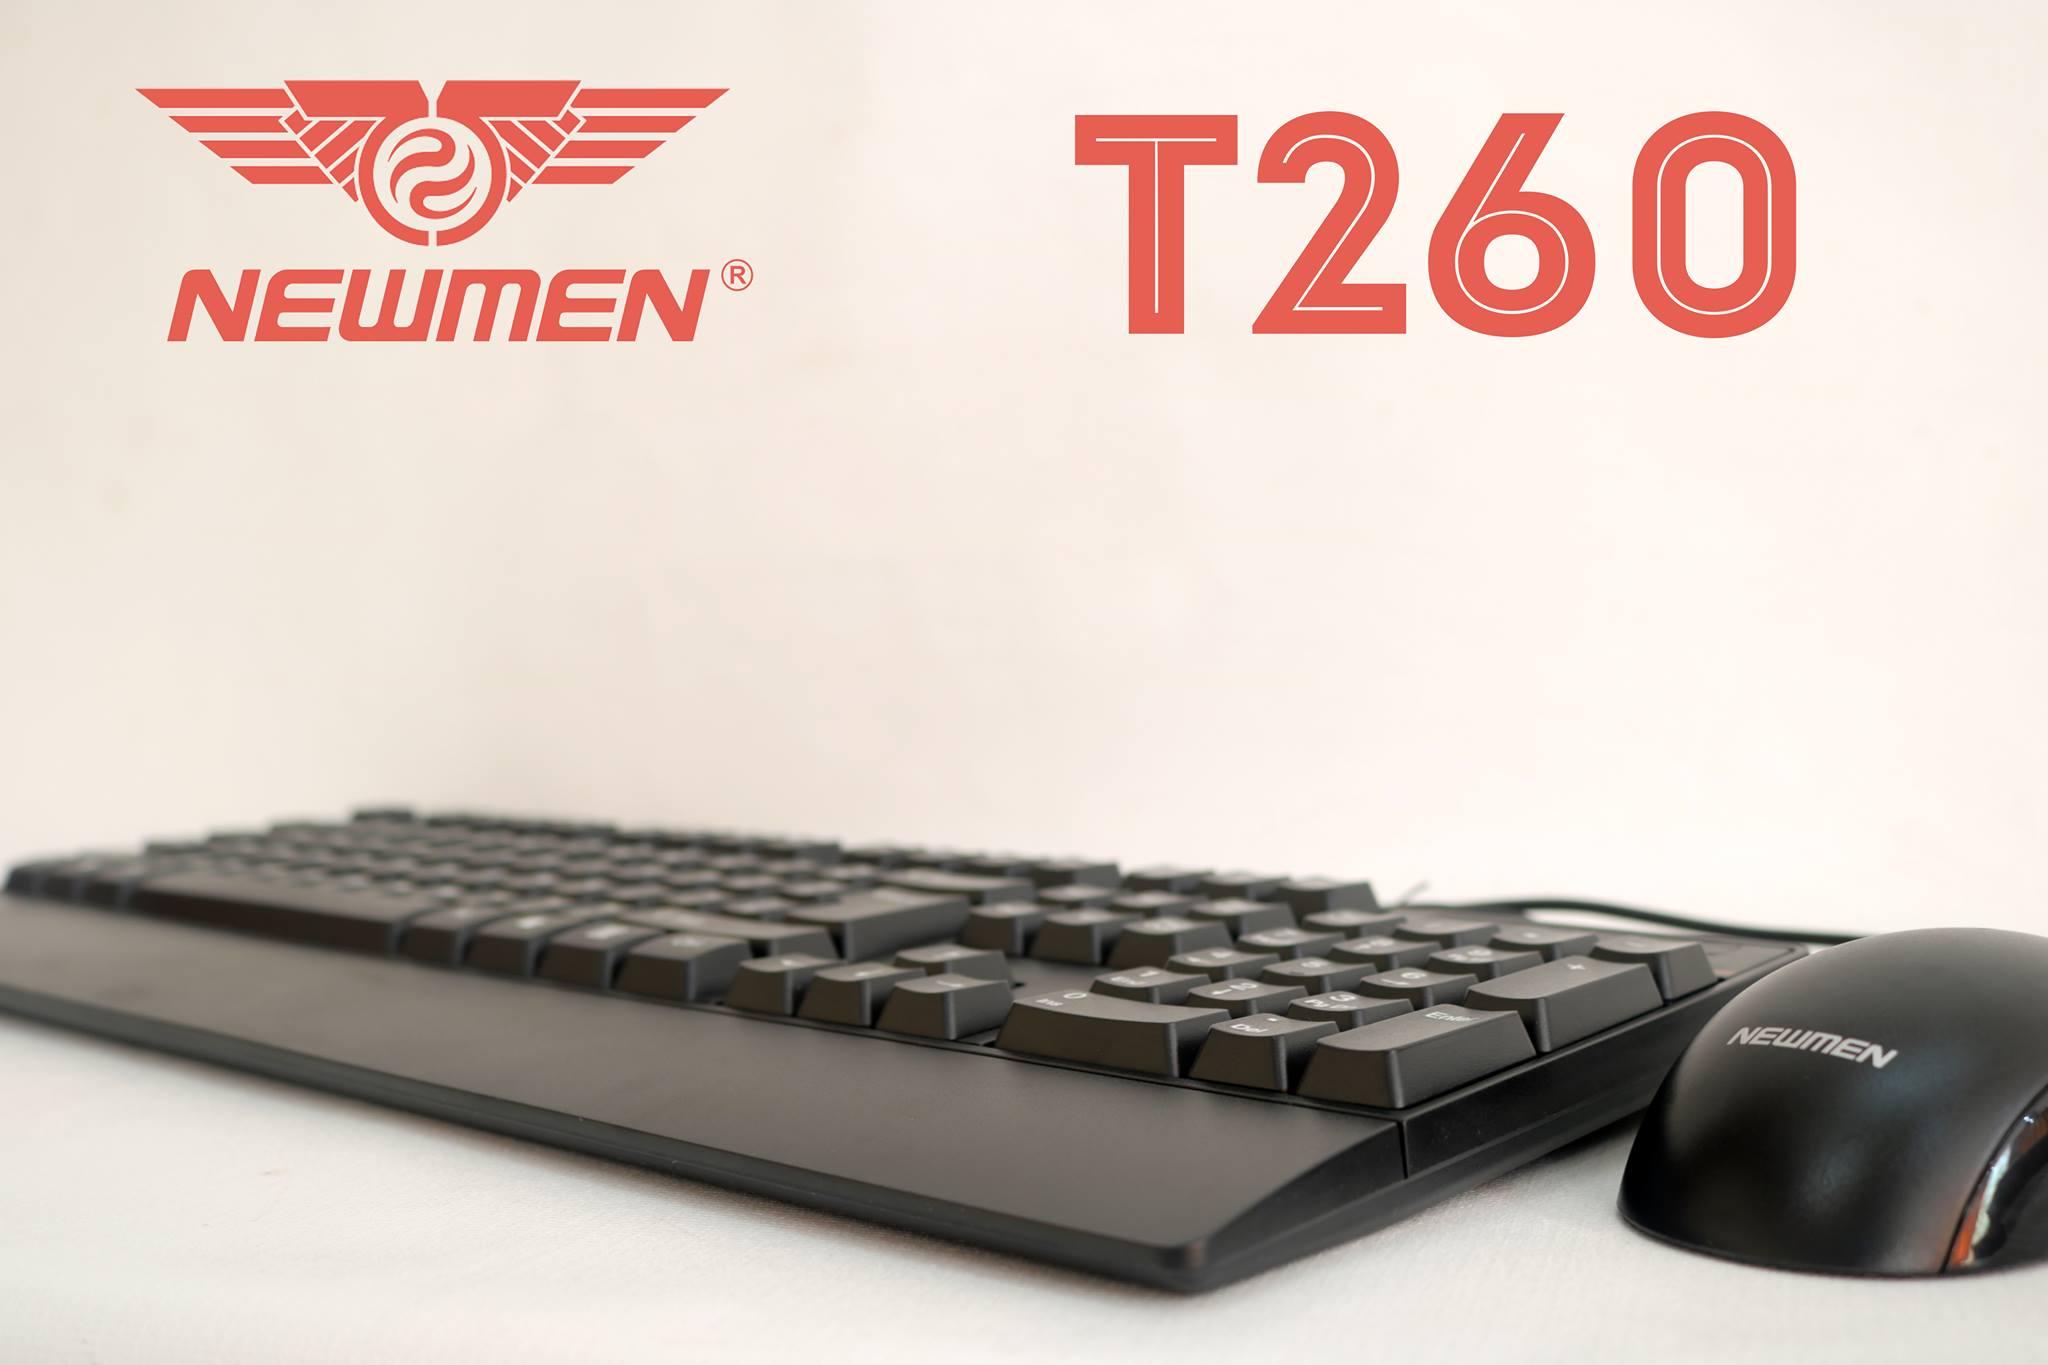 Bàn phím + Chuột Newmen có dây T260